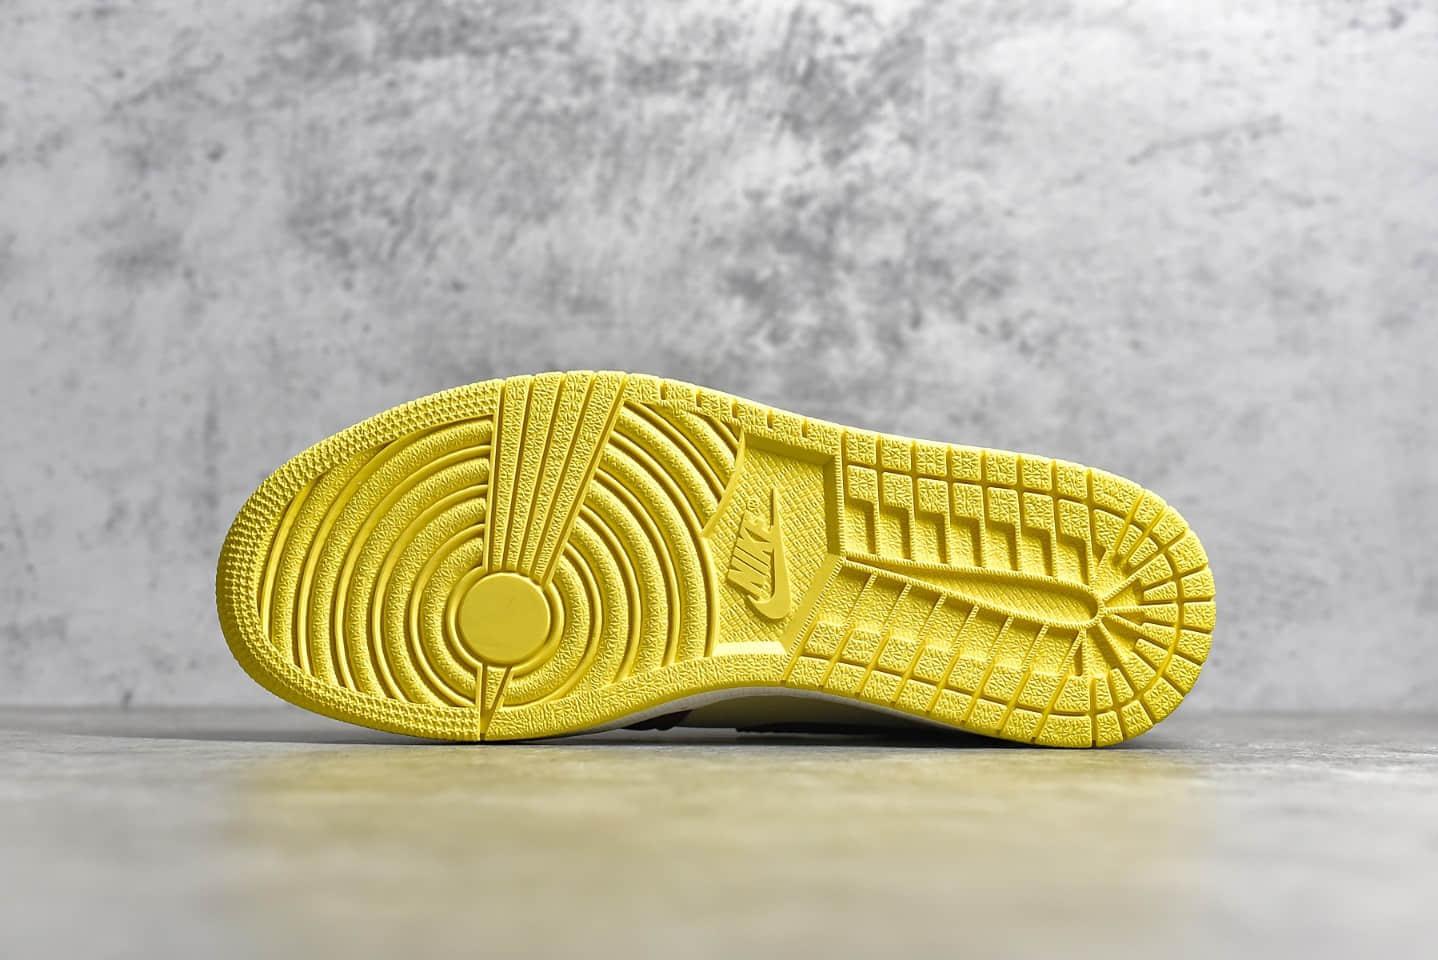 """AJ1中帮非洲风情 Air Jordan 1 Mid""""Fearless""""X Maison Chateau 雕刻花纹AJ1中帮新配色 货号:CU2803-200-潮流者之家"""